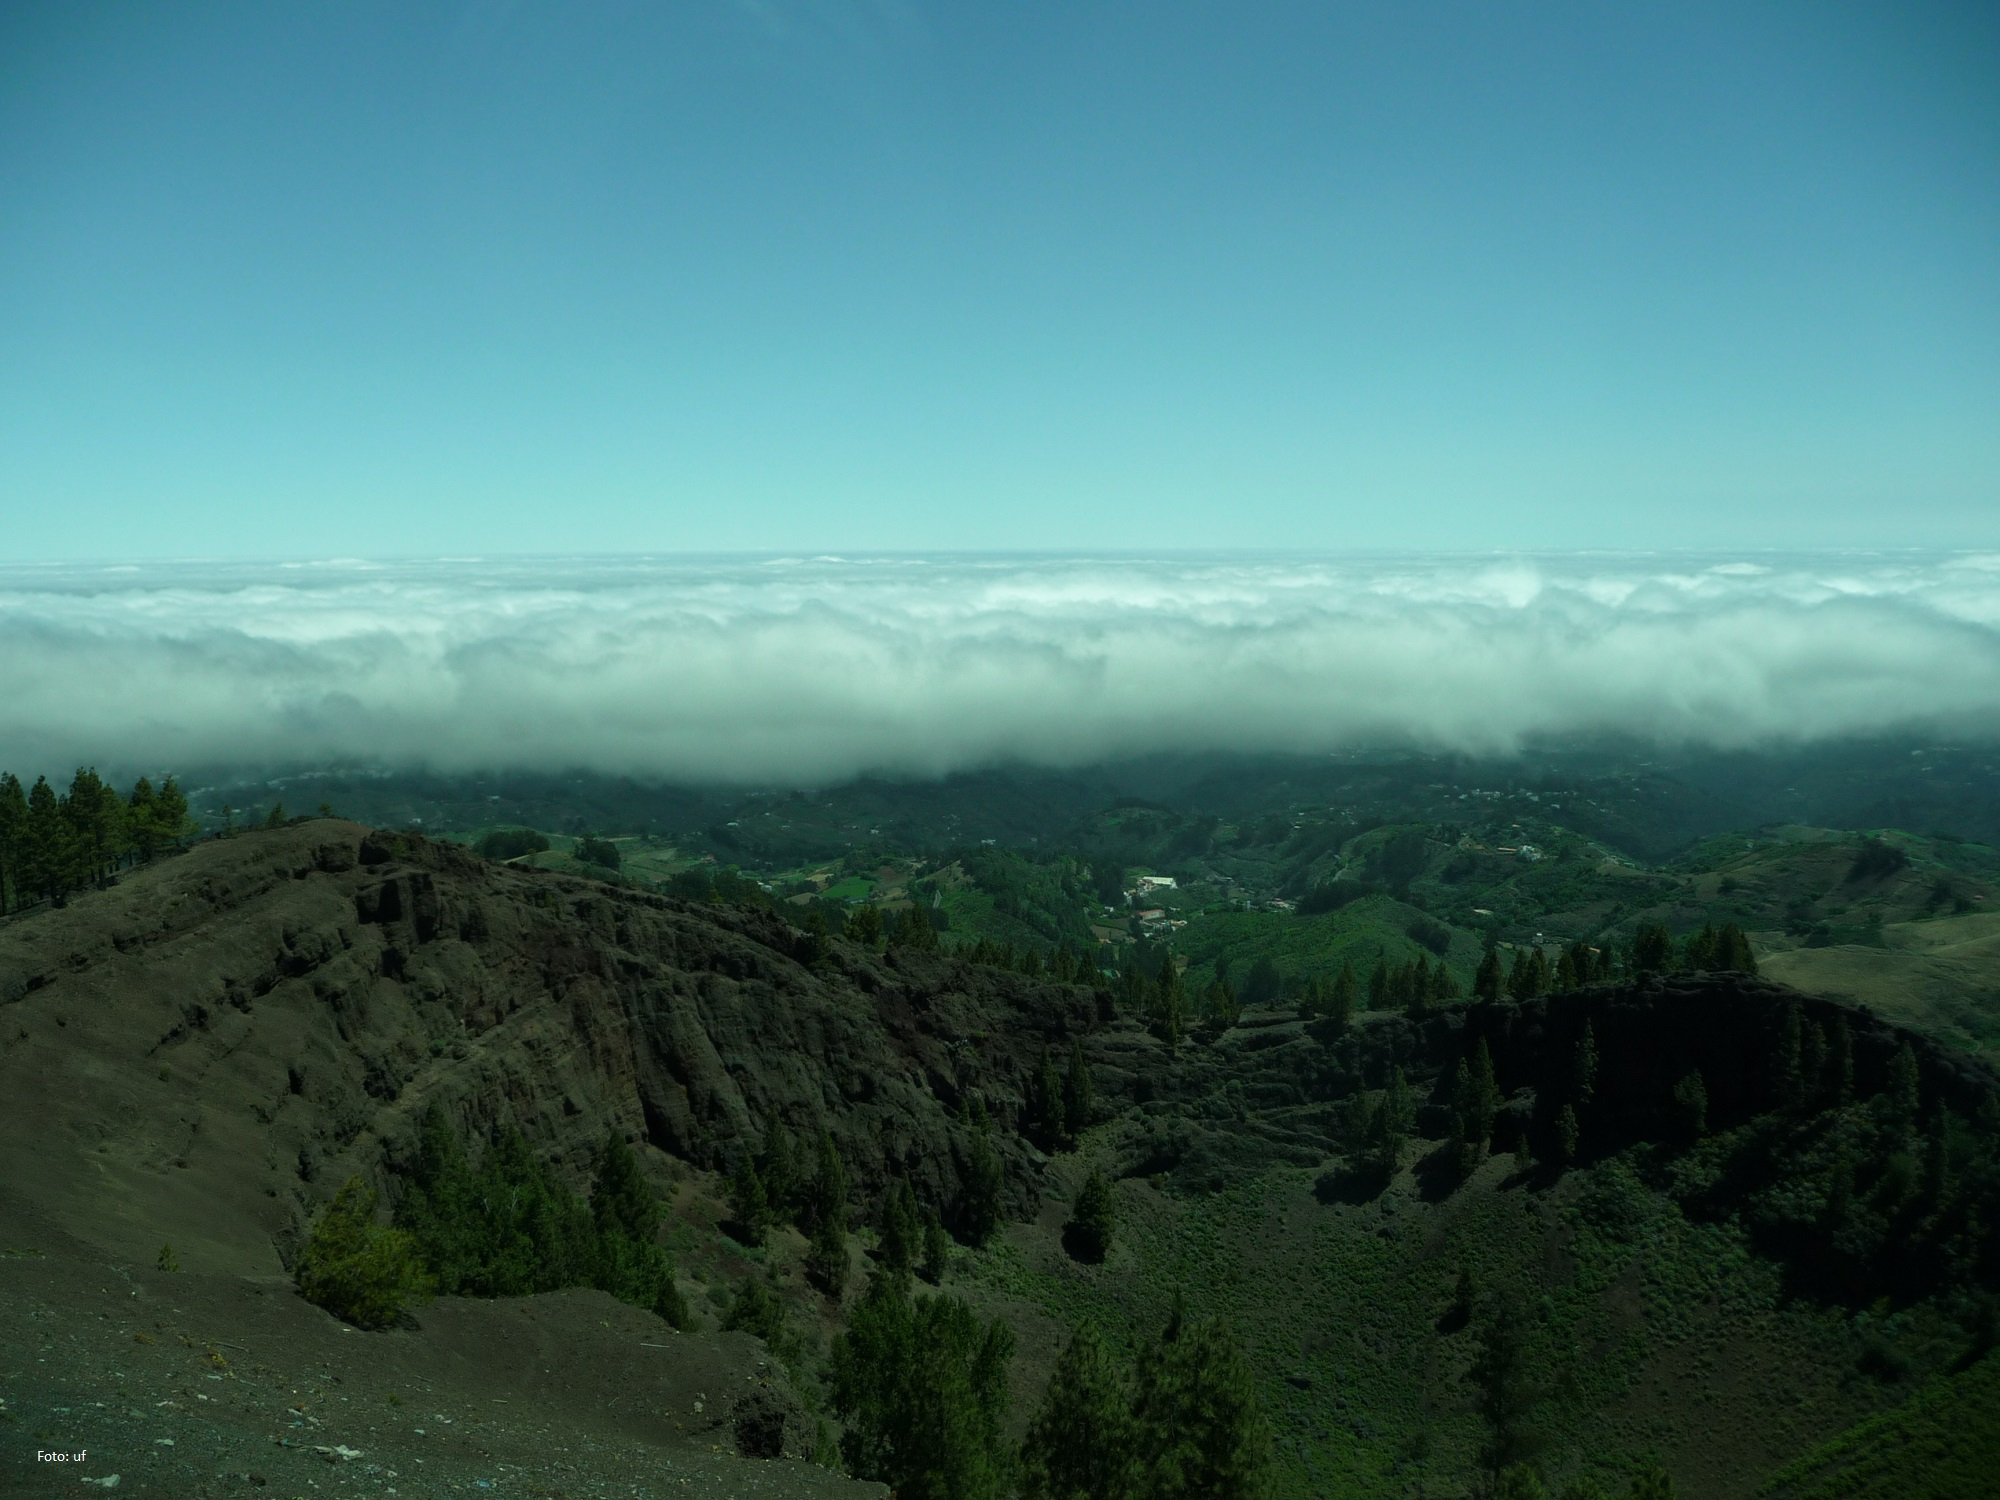 Die Feuchtigkeit der Passatwinde sorgt für Nebel und Wolkenbildung und dadurch zur grünen Vegetation im Norden der Insel.